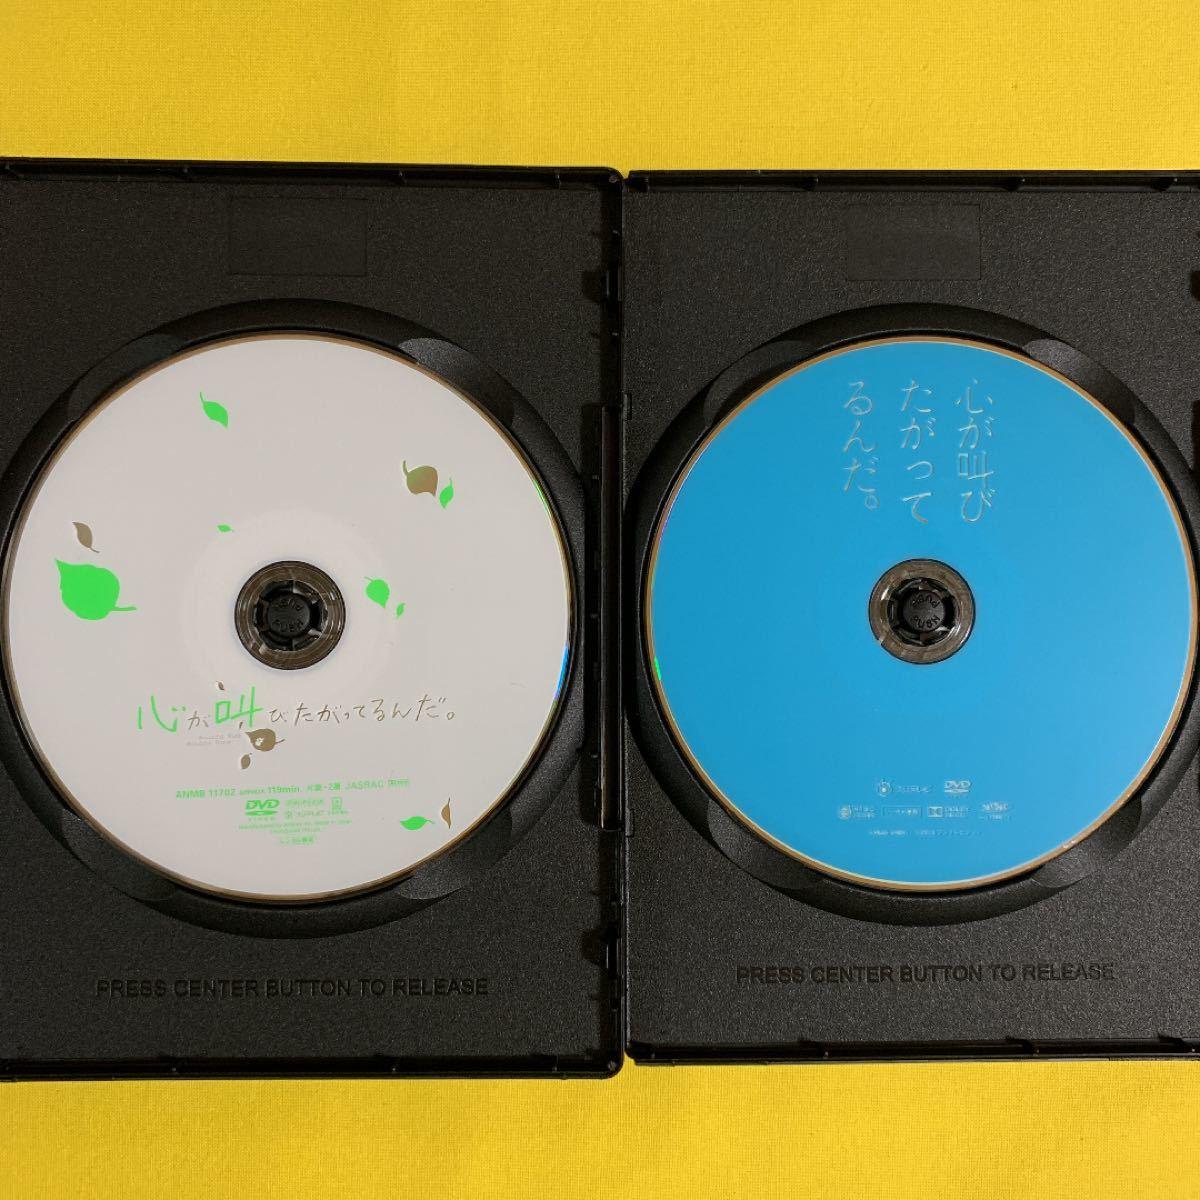 DVD アニメ 心が叫びたがってるんだ 実写版 心が叫びたがってるんだ 2巻セット レンタル落ち